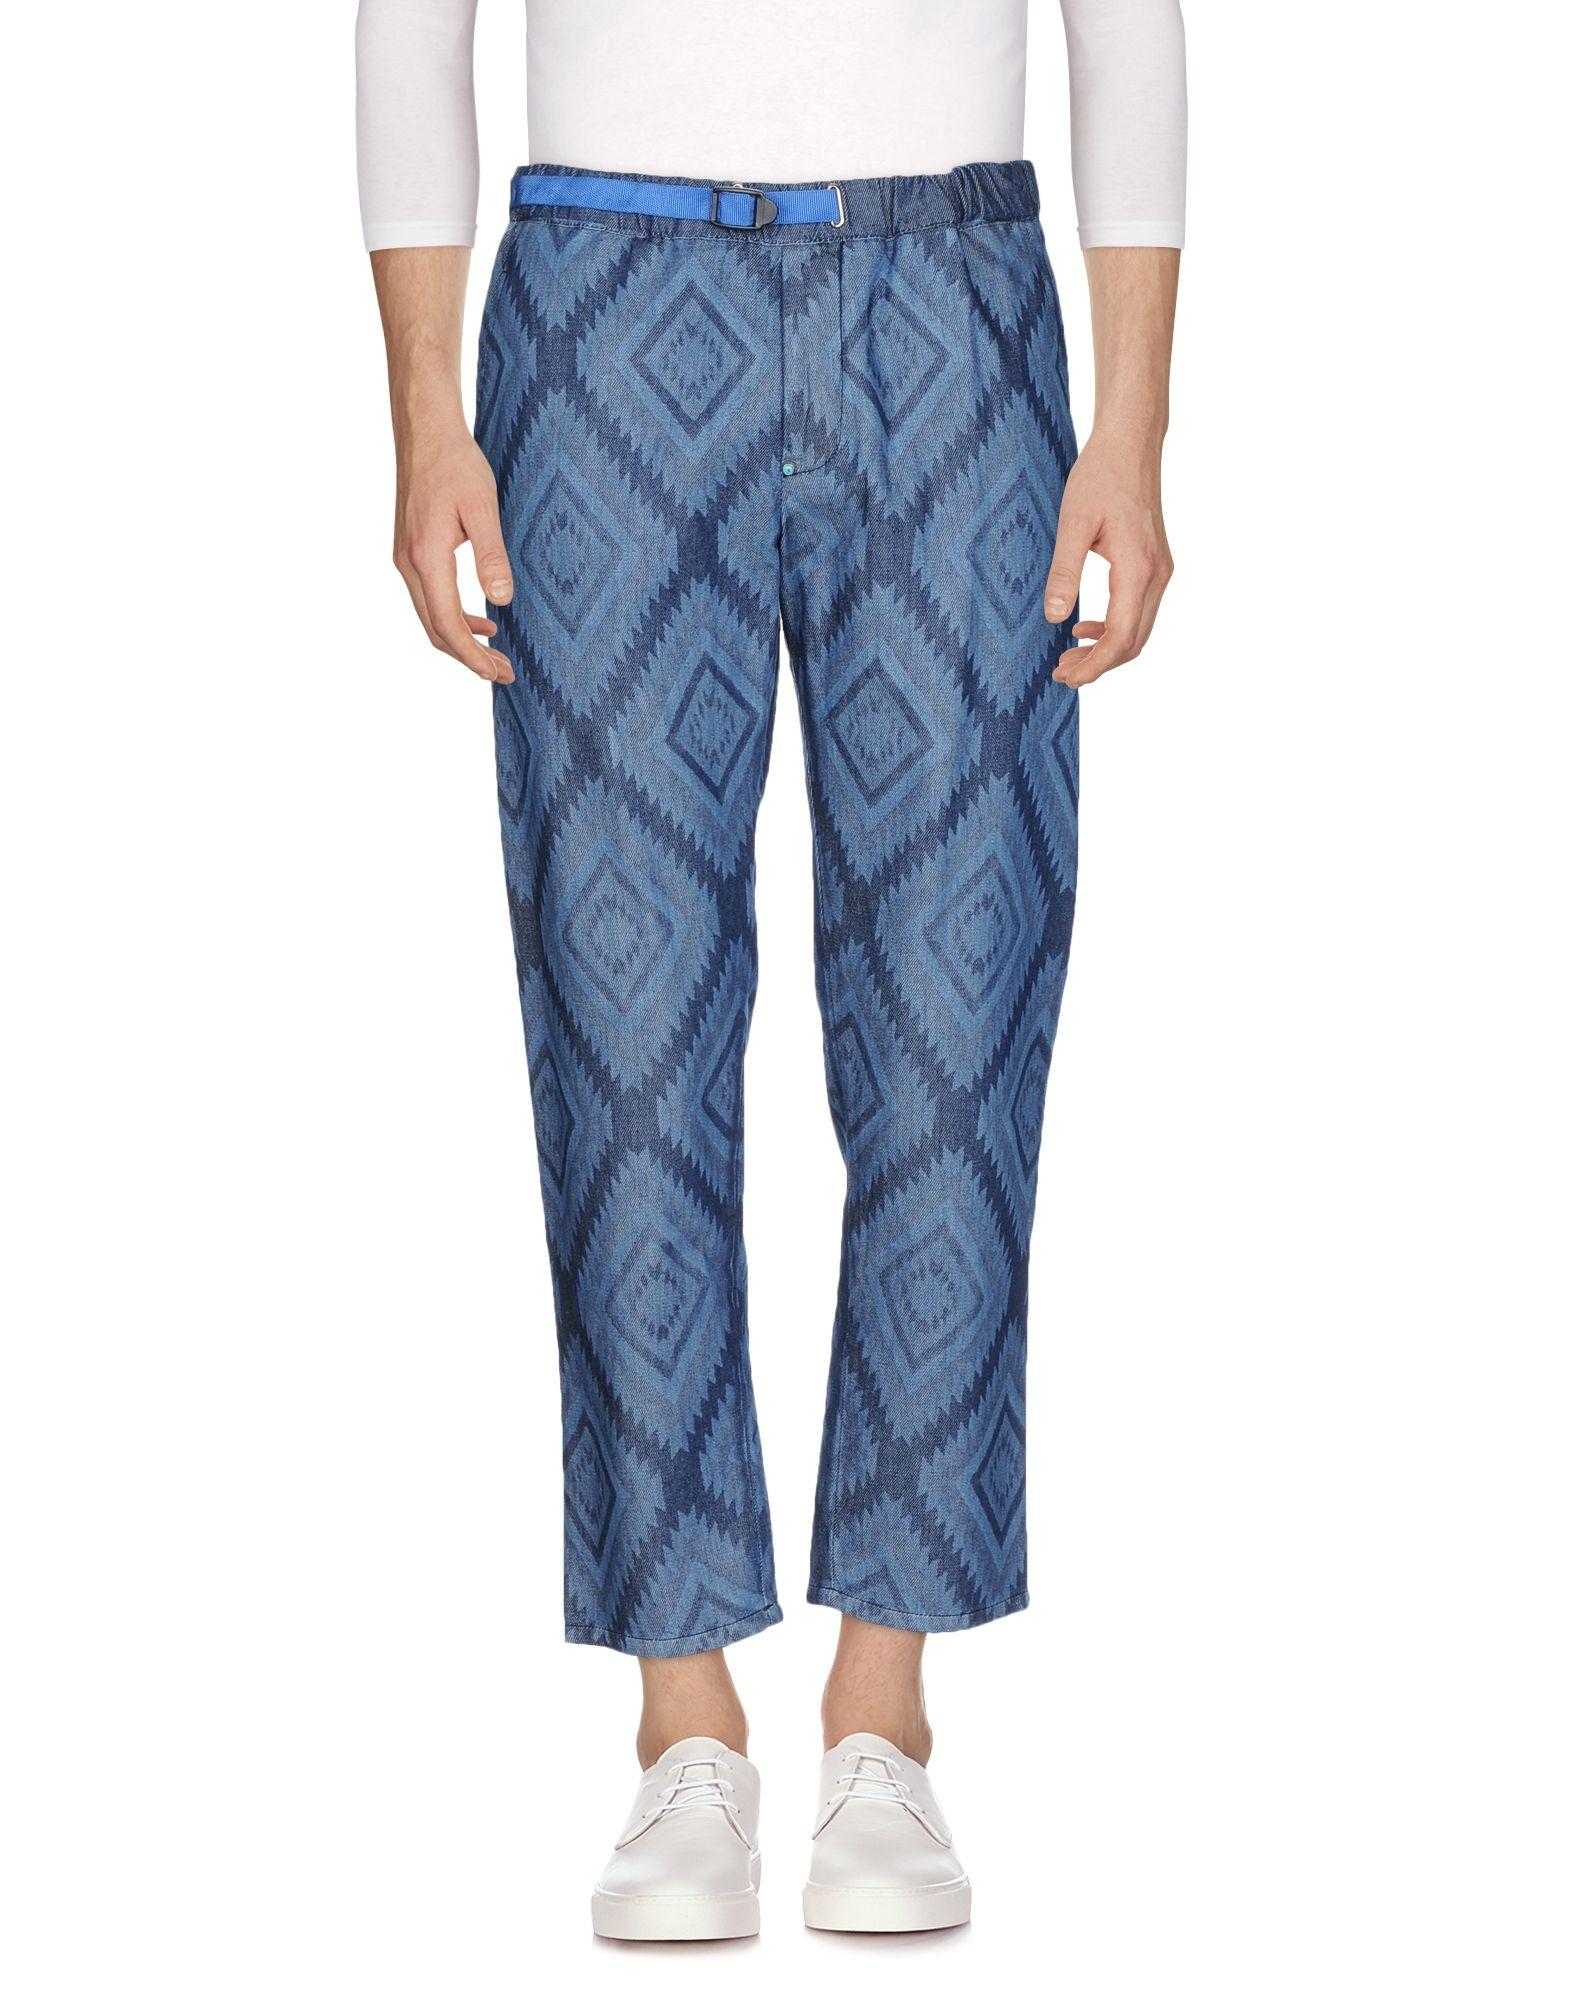 WHITE SAND 88 Джинсовые брюки carver pioneer camp джинсовые брюки мужские обычные джинсовые брюки темно синий 33 611 021